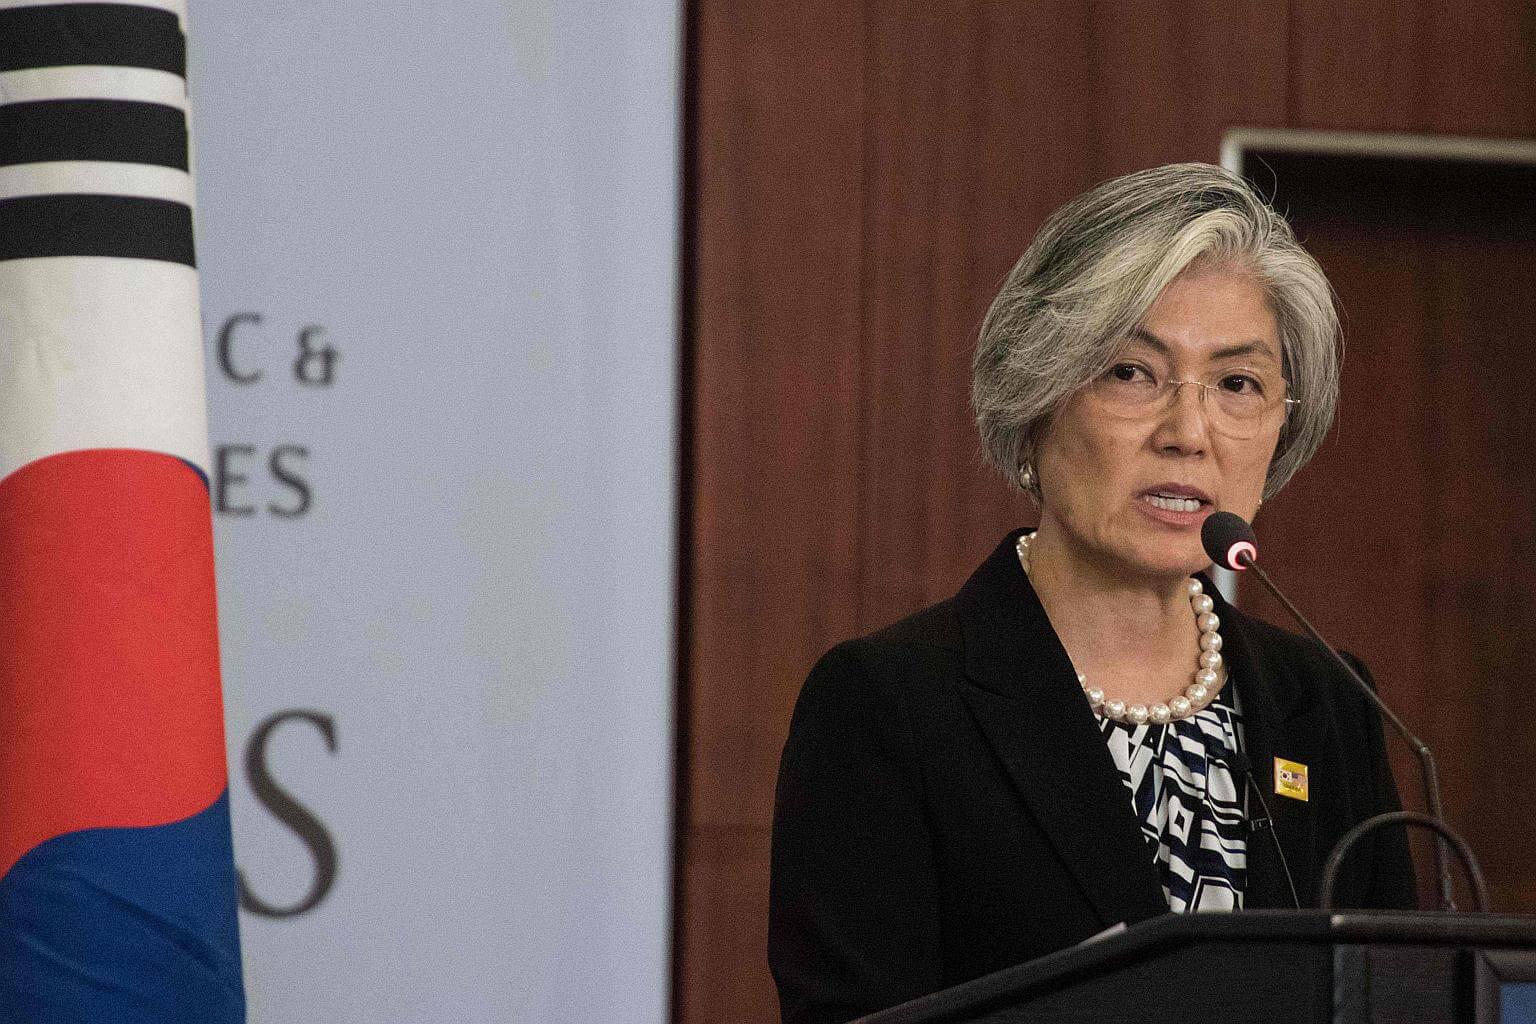 Seul   Cimeira vai servir para verificar compromisso para desnuclearização